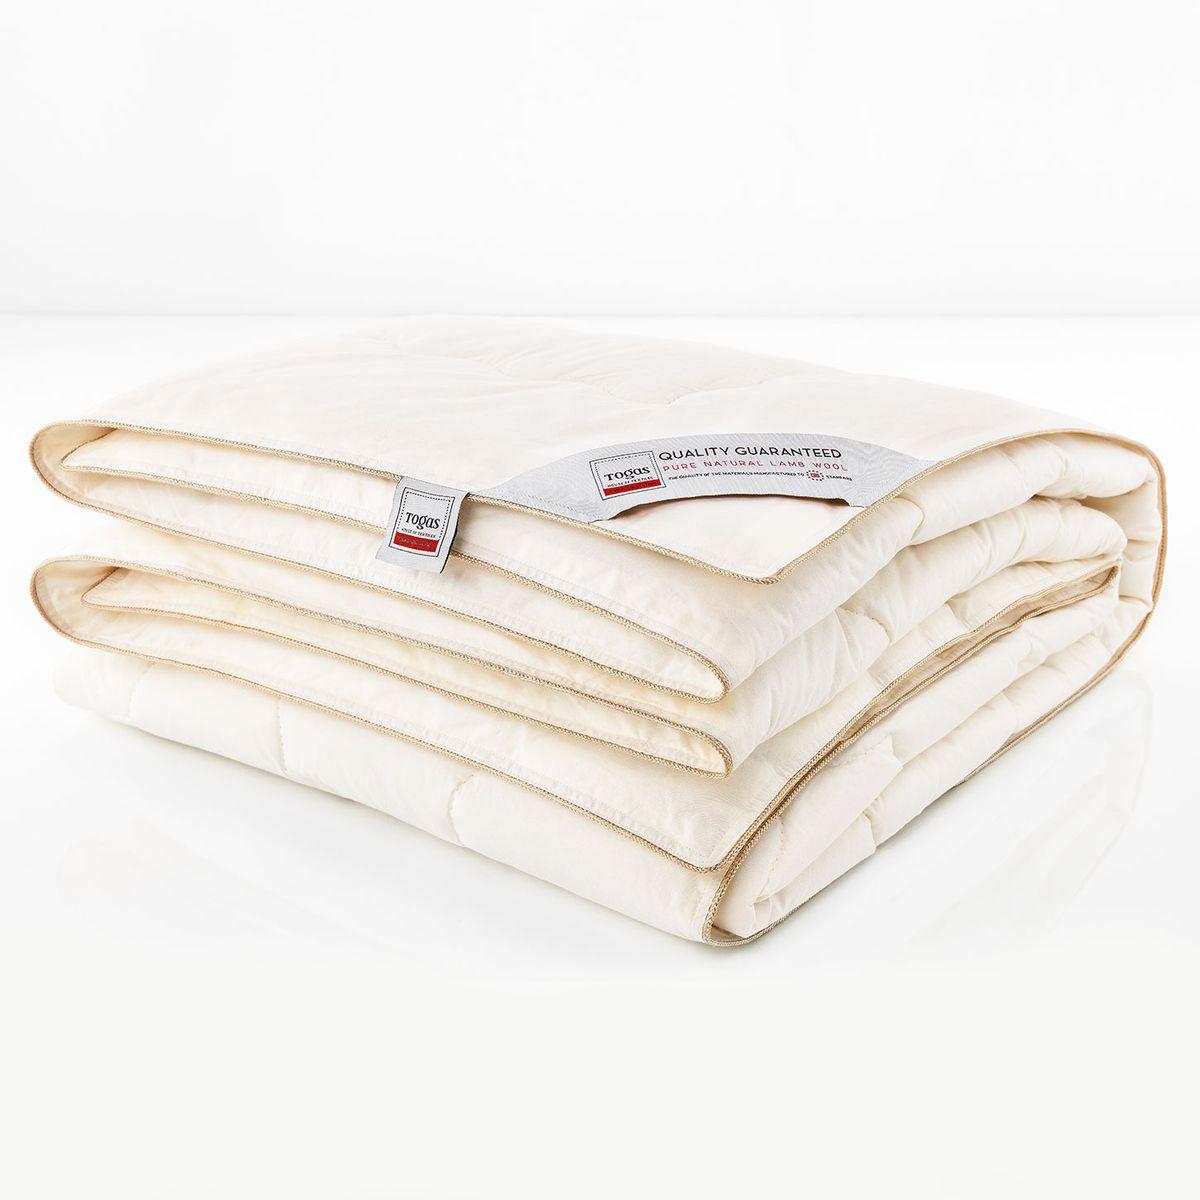 """Одеяло Togas Прима, наполнитель: овечья шерсть, 200 х 210 см531-105Овечья шерсть используется для изготовления подушек и одеял с незапамятных времен. Трудно переоценить их драгоценные свойства, рожденные самой природой. Сильный ветер и перепады температур на горных пастбищах, где испокон веков пасутся овцы, способствовали образованию роскошной легкой шубки, которая согревает в самый суровый холод - и отлично вентилирует в жару. Людям удалось создать материалы, аналогичные по своим теплорегулирующим свойствам, - но повторить целебные свойства шерсти не смог еще ни один ученый. Овечья шерсть содержит природное вещество - ланолин. Поэтому одеяла из натуральной шерсти рекомендуют людям, страдающим радикулитом, остеохондрозом и повышенным кровяным давлением. Шерсть способна создавать сухое тепло, которое оказывает благотворное воздействие на суставы. Такие одеяла по-настоящему """"дышат"""": между шерстяными волокнами постоянно циркулирует воздух, который помогает выводить лишнее тепло и влагу, создавая идеальный микроклимат во время сна. Нежное ощущение тепла и комфорта оказывает оздоравливающий, бодрящий эффект, который Вы чувствуете каждое утро. Овечьи одеяла очень износостойки, неприхотливы и просты в уходе, - они прослужат вам долгие годы, не потеряв своей формы и удивительных свойств."""